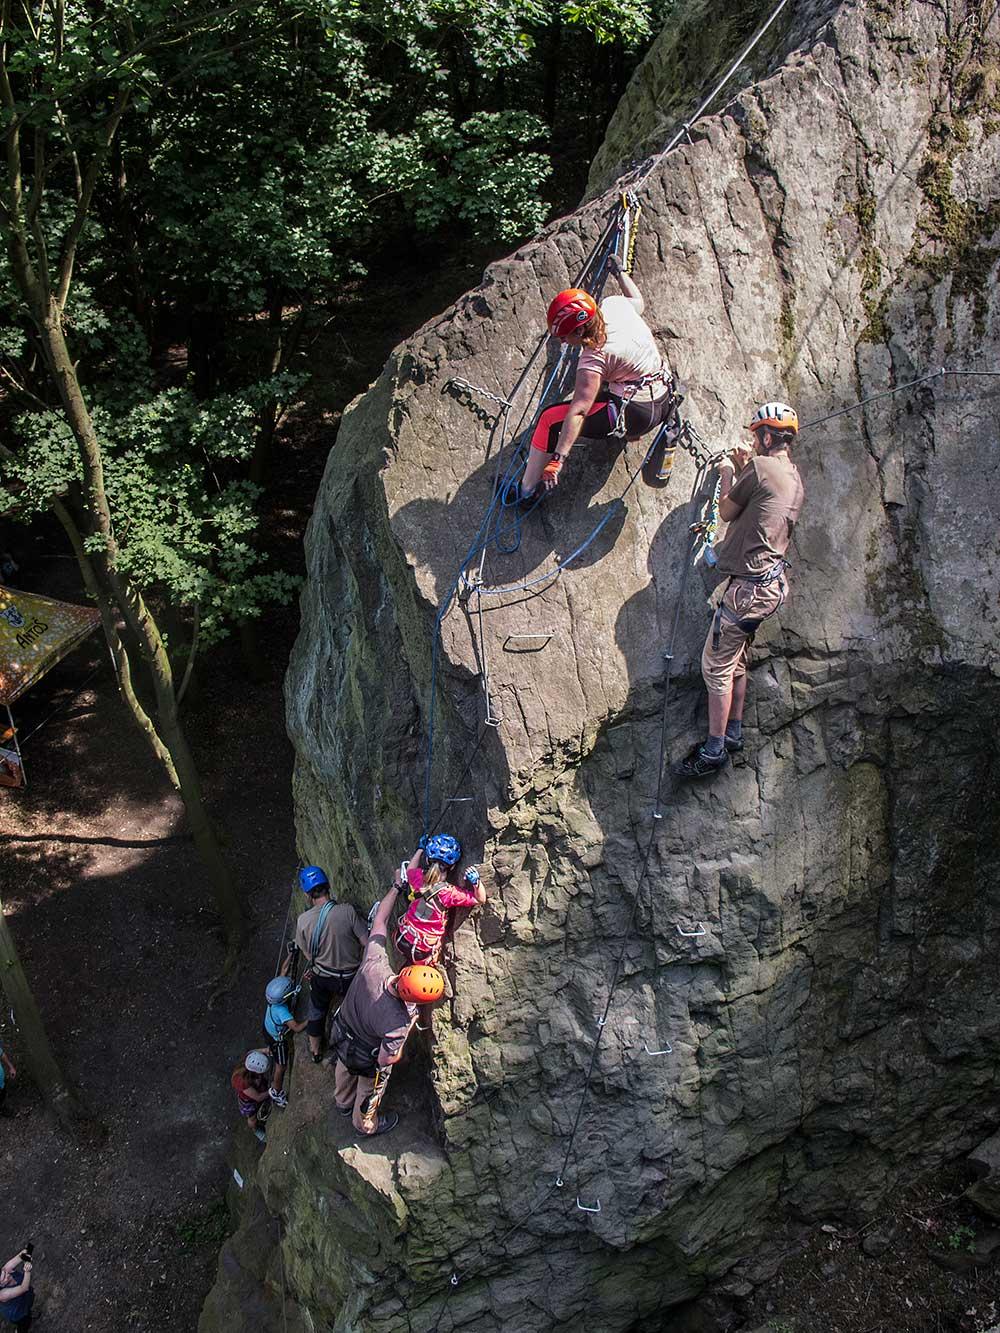 Rodina na ferratě. matka nahoře jistí dítě podporované zespodu otcem. Přihlíží lezec na vedlejším laně.